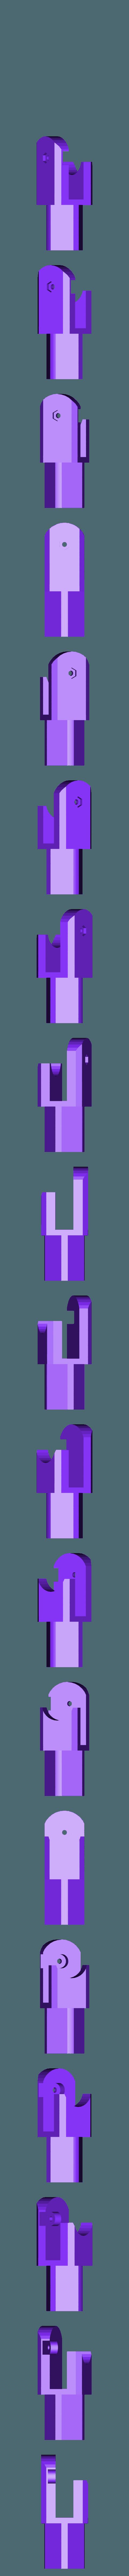 146b52a3 053a 4f10 b58d 156679f88342